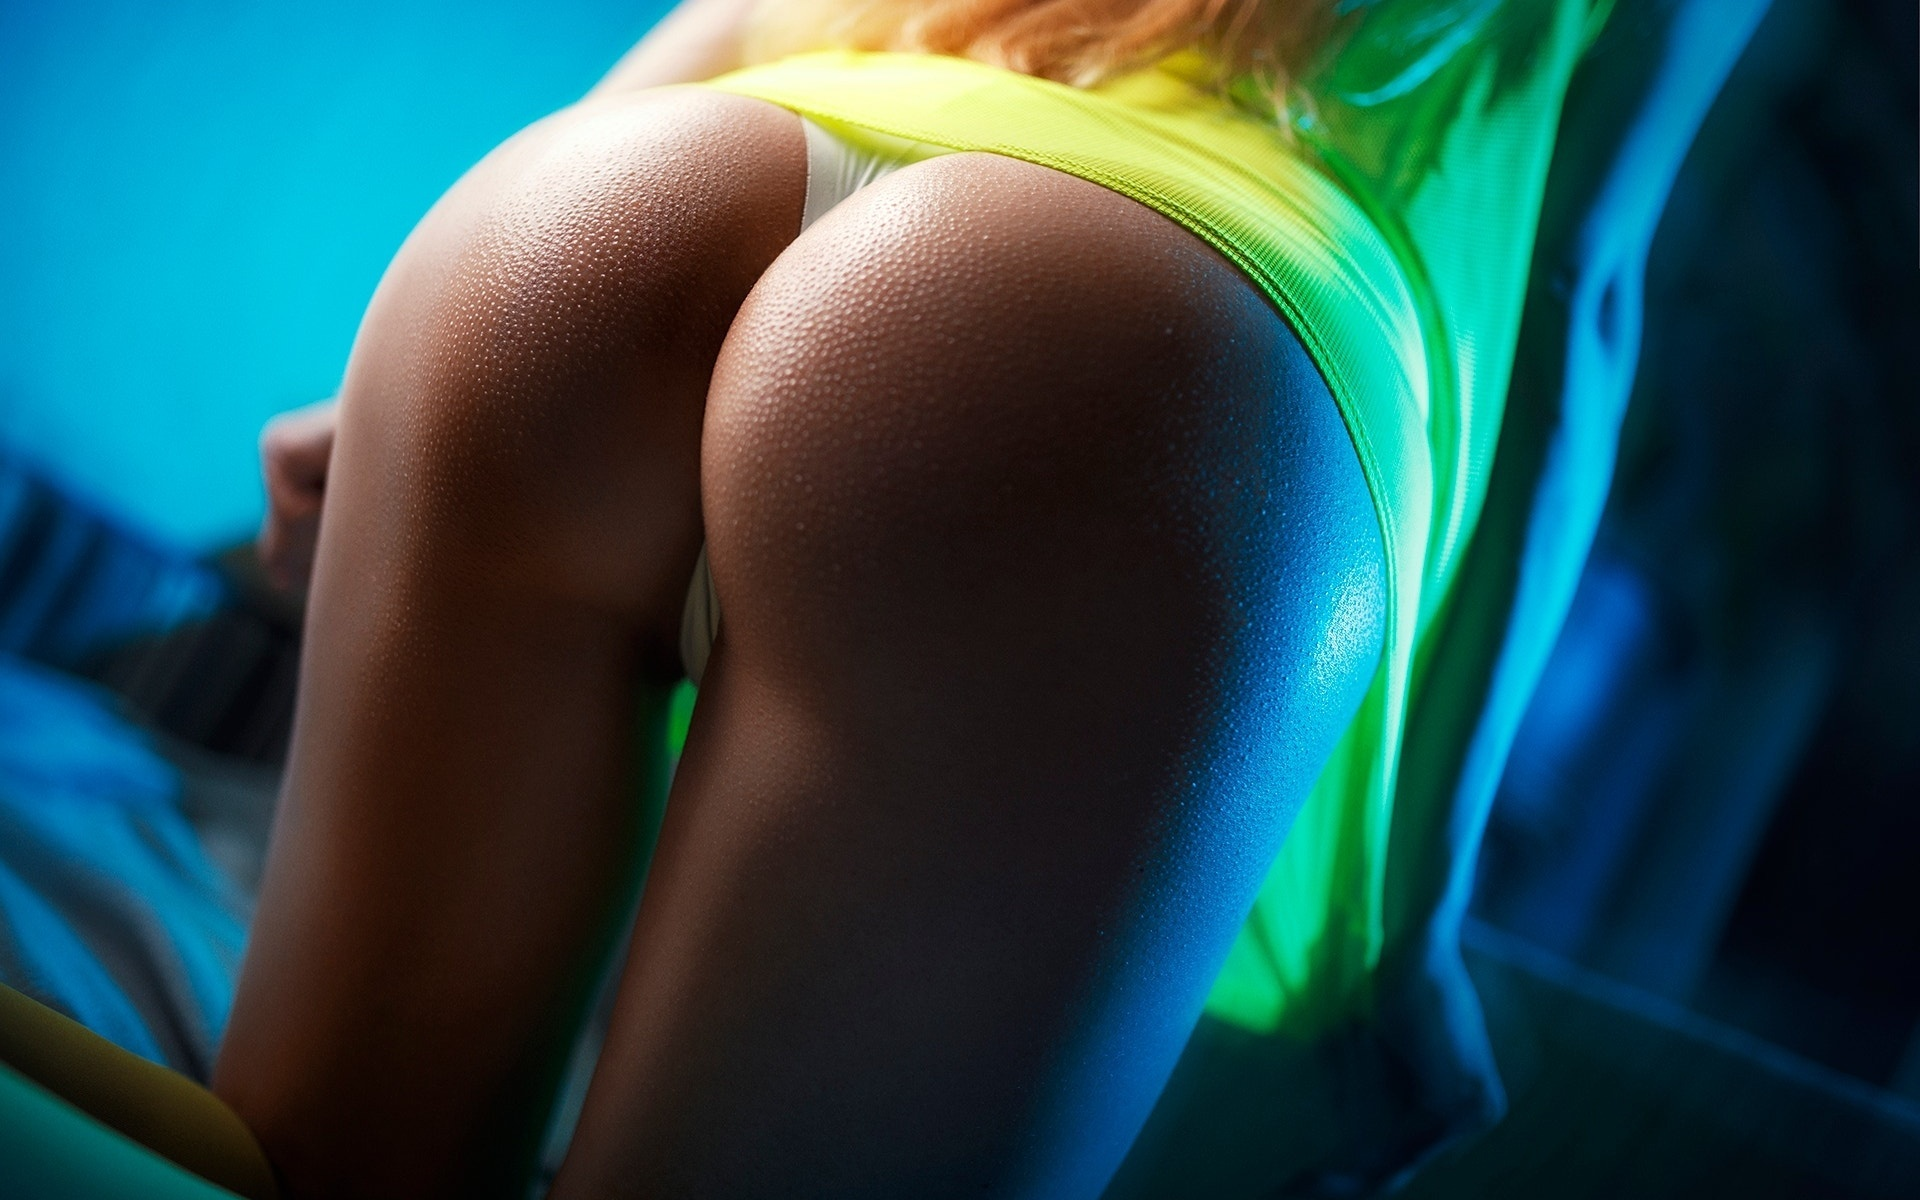 porno-nu-ochen-krasivaya-zhopa-kiska-blizko-foto